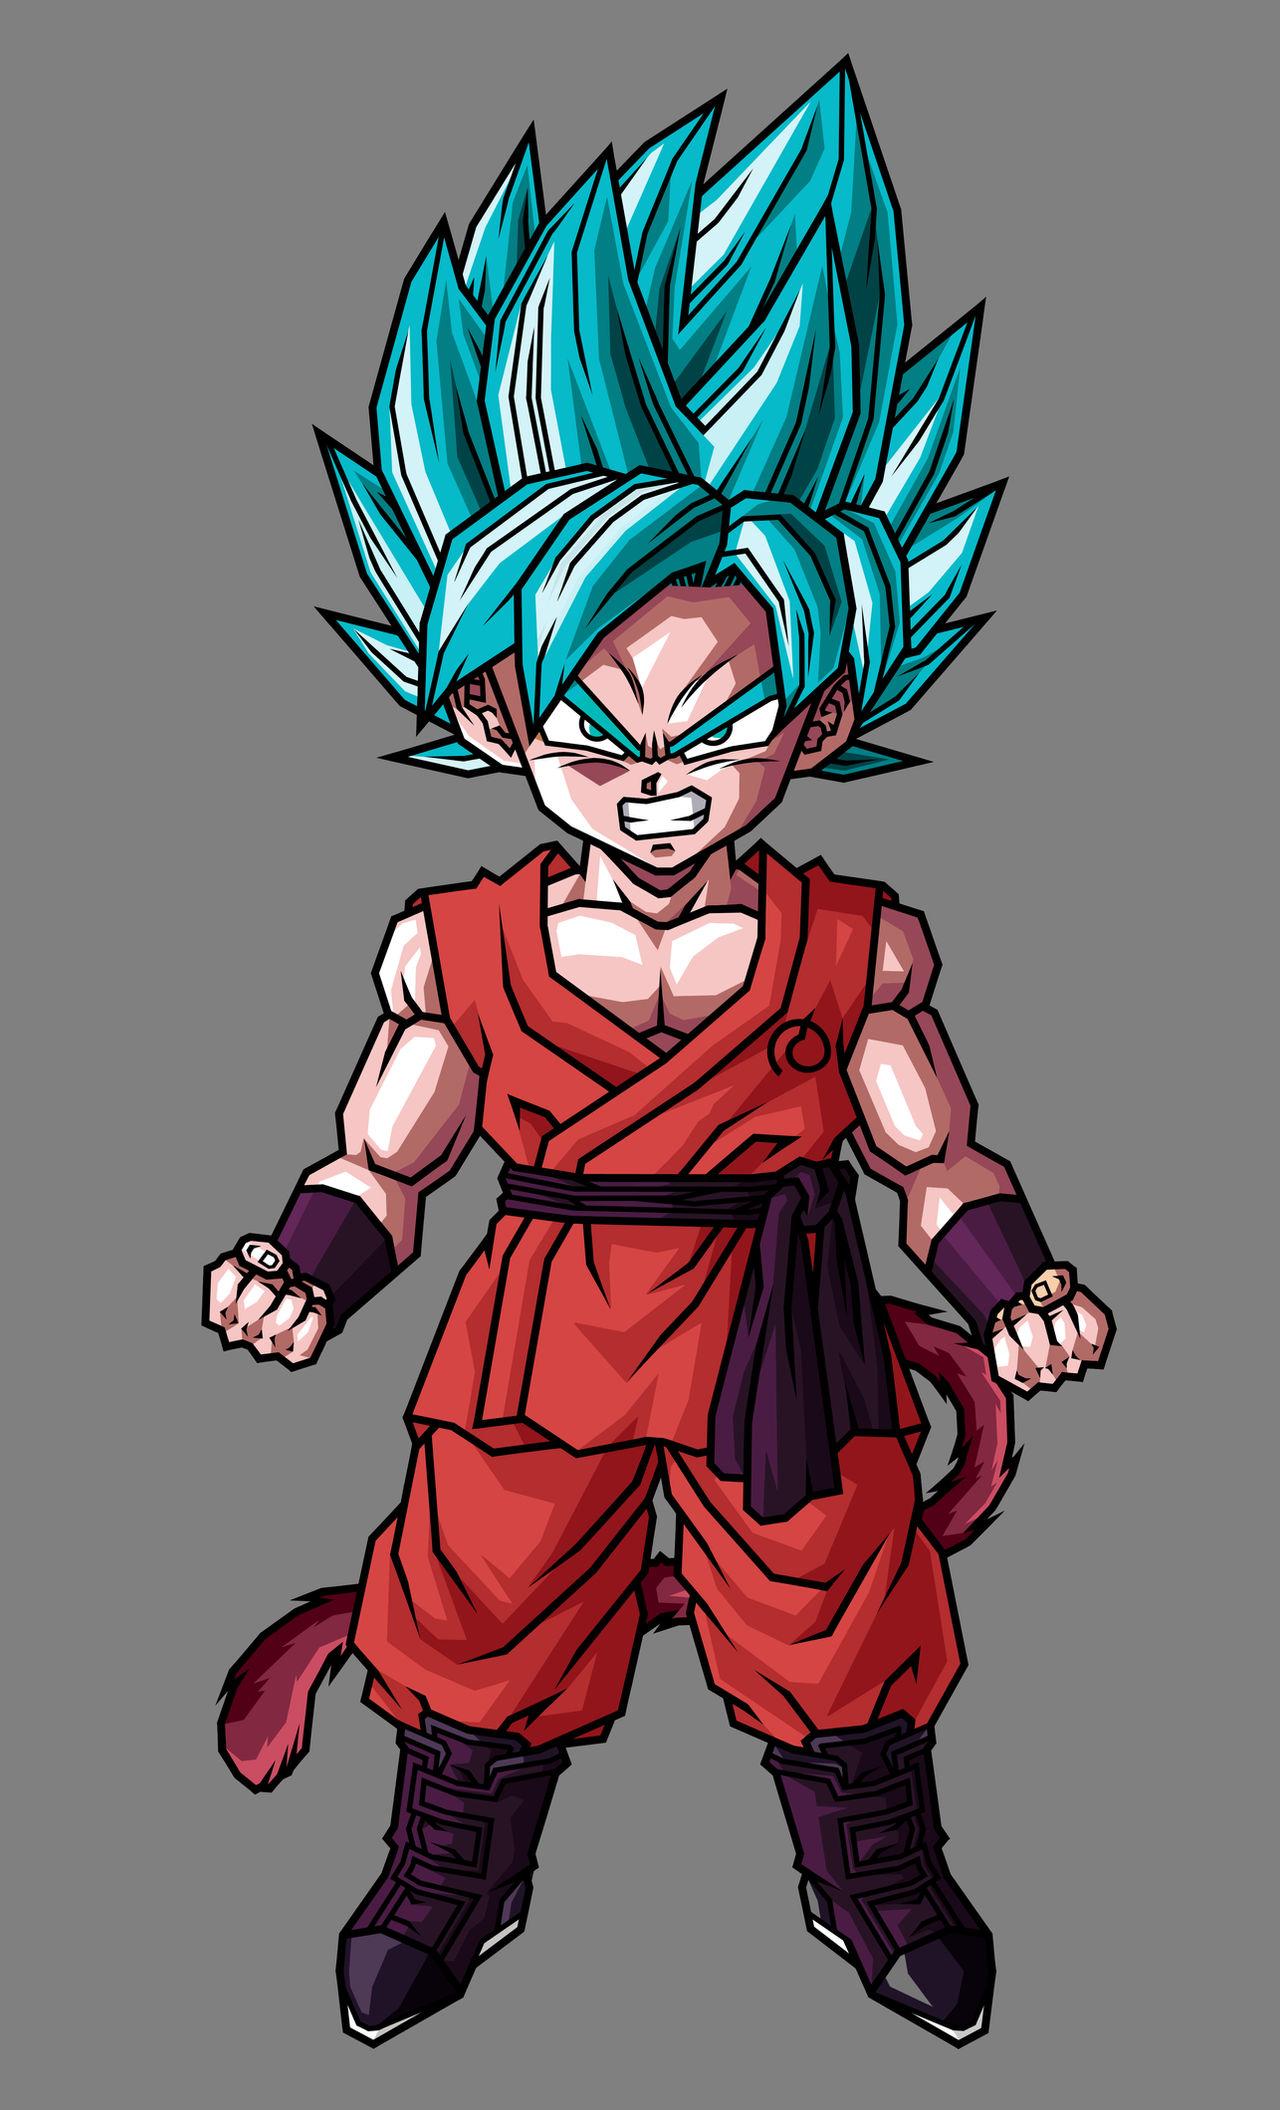 Kid Goku Ssj Blue Kaioken By Hsvhrt On Deviantart